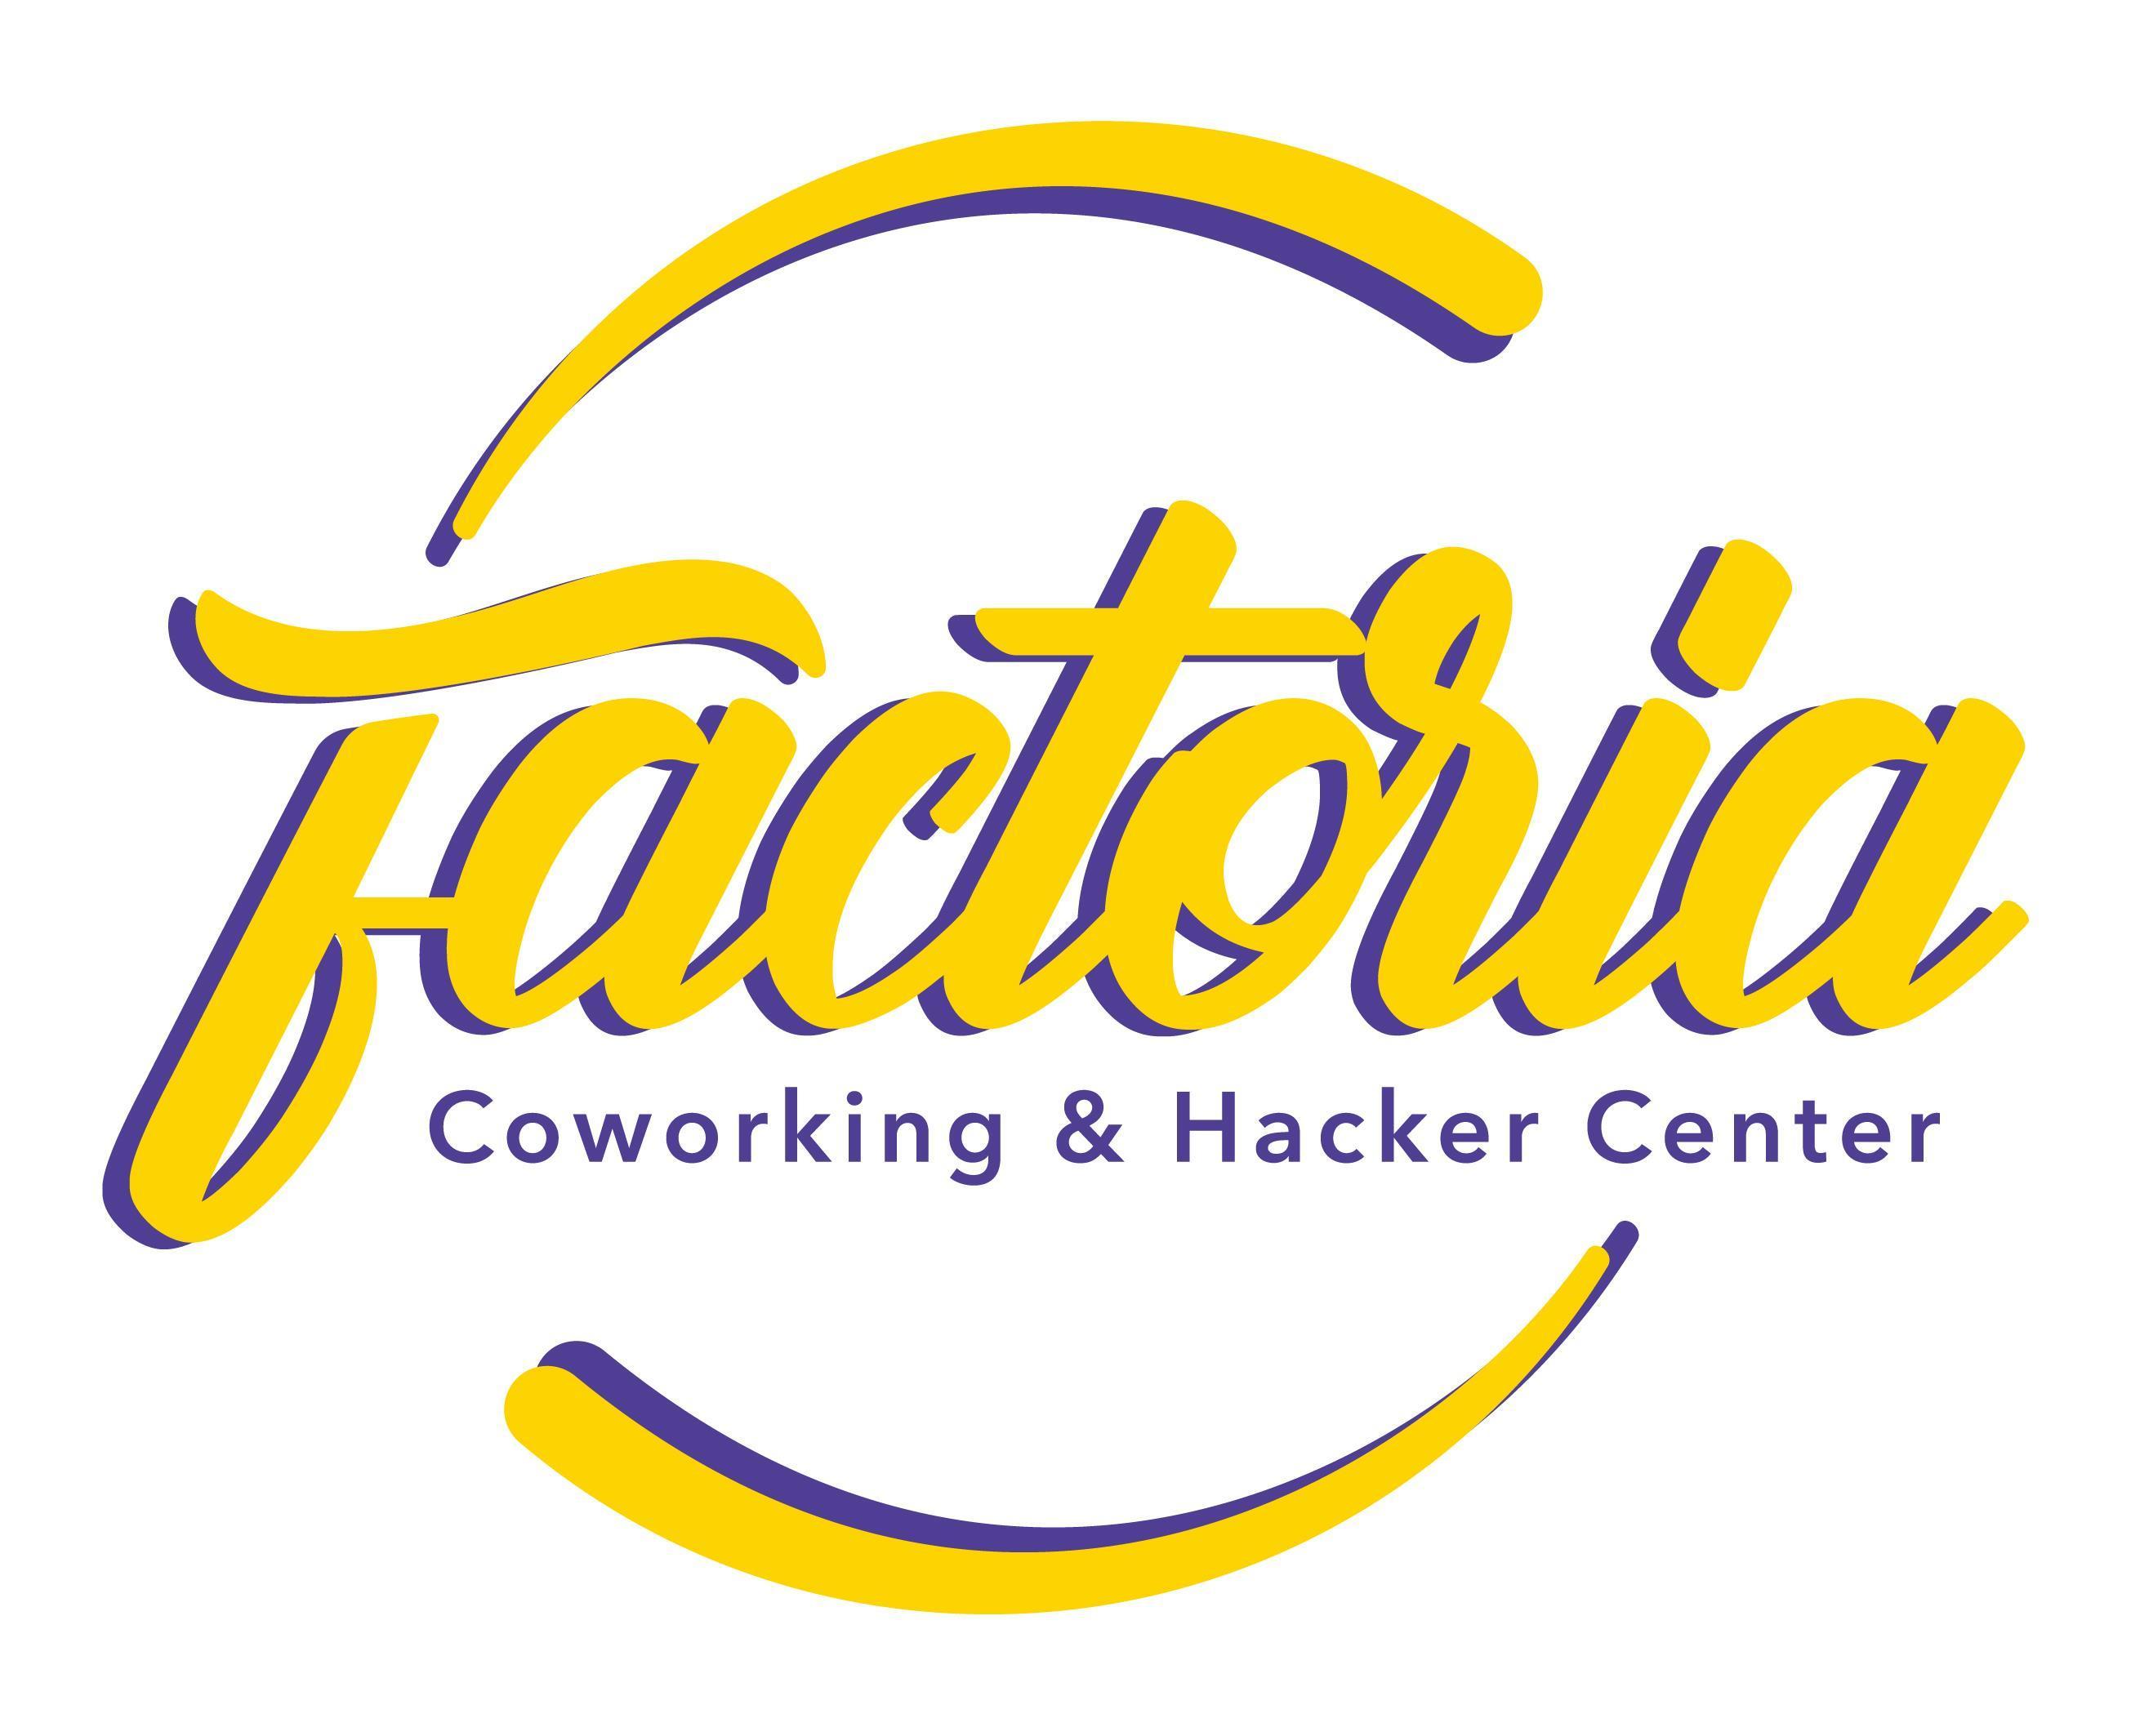 Logo of Factoría Coworking & Hacker Center